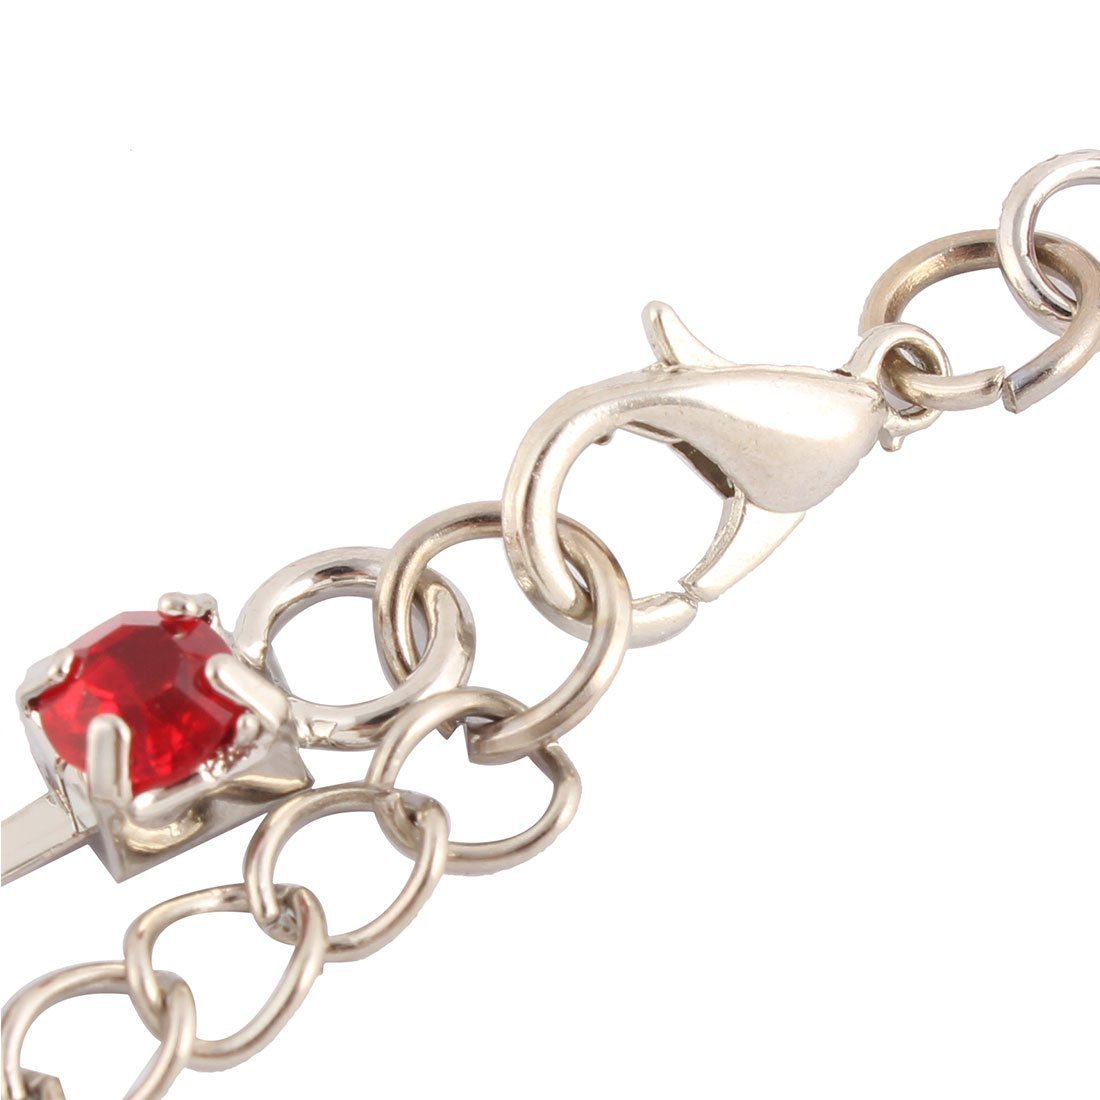 Amazon.com : eDealMax Pata del perro del Partido del Rhinestone de la chispa de Metal pendientes de la pulsera Adorno Para mascotas Collar Rojo : Pet ...